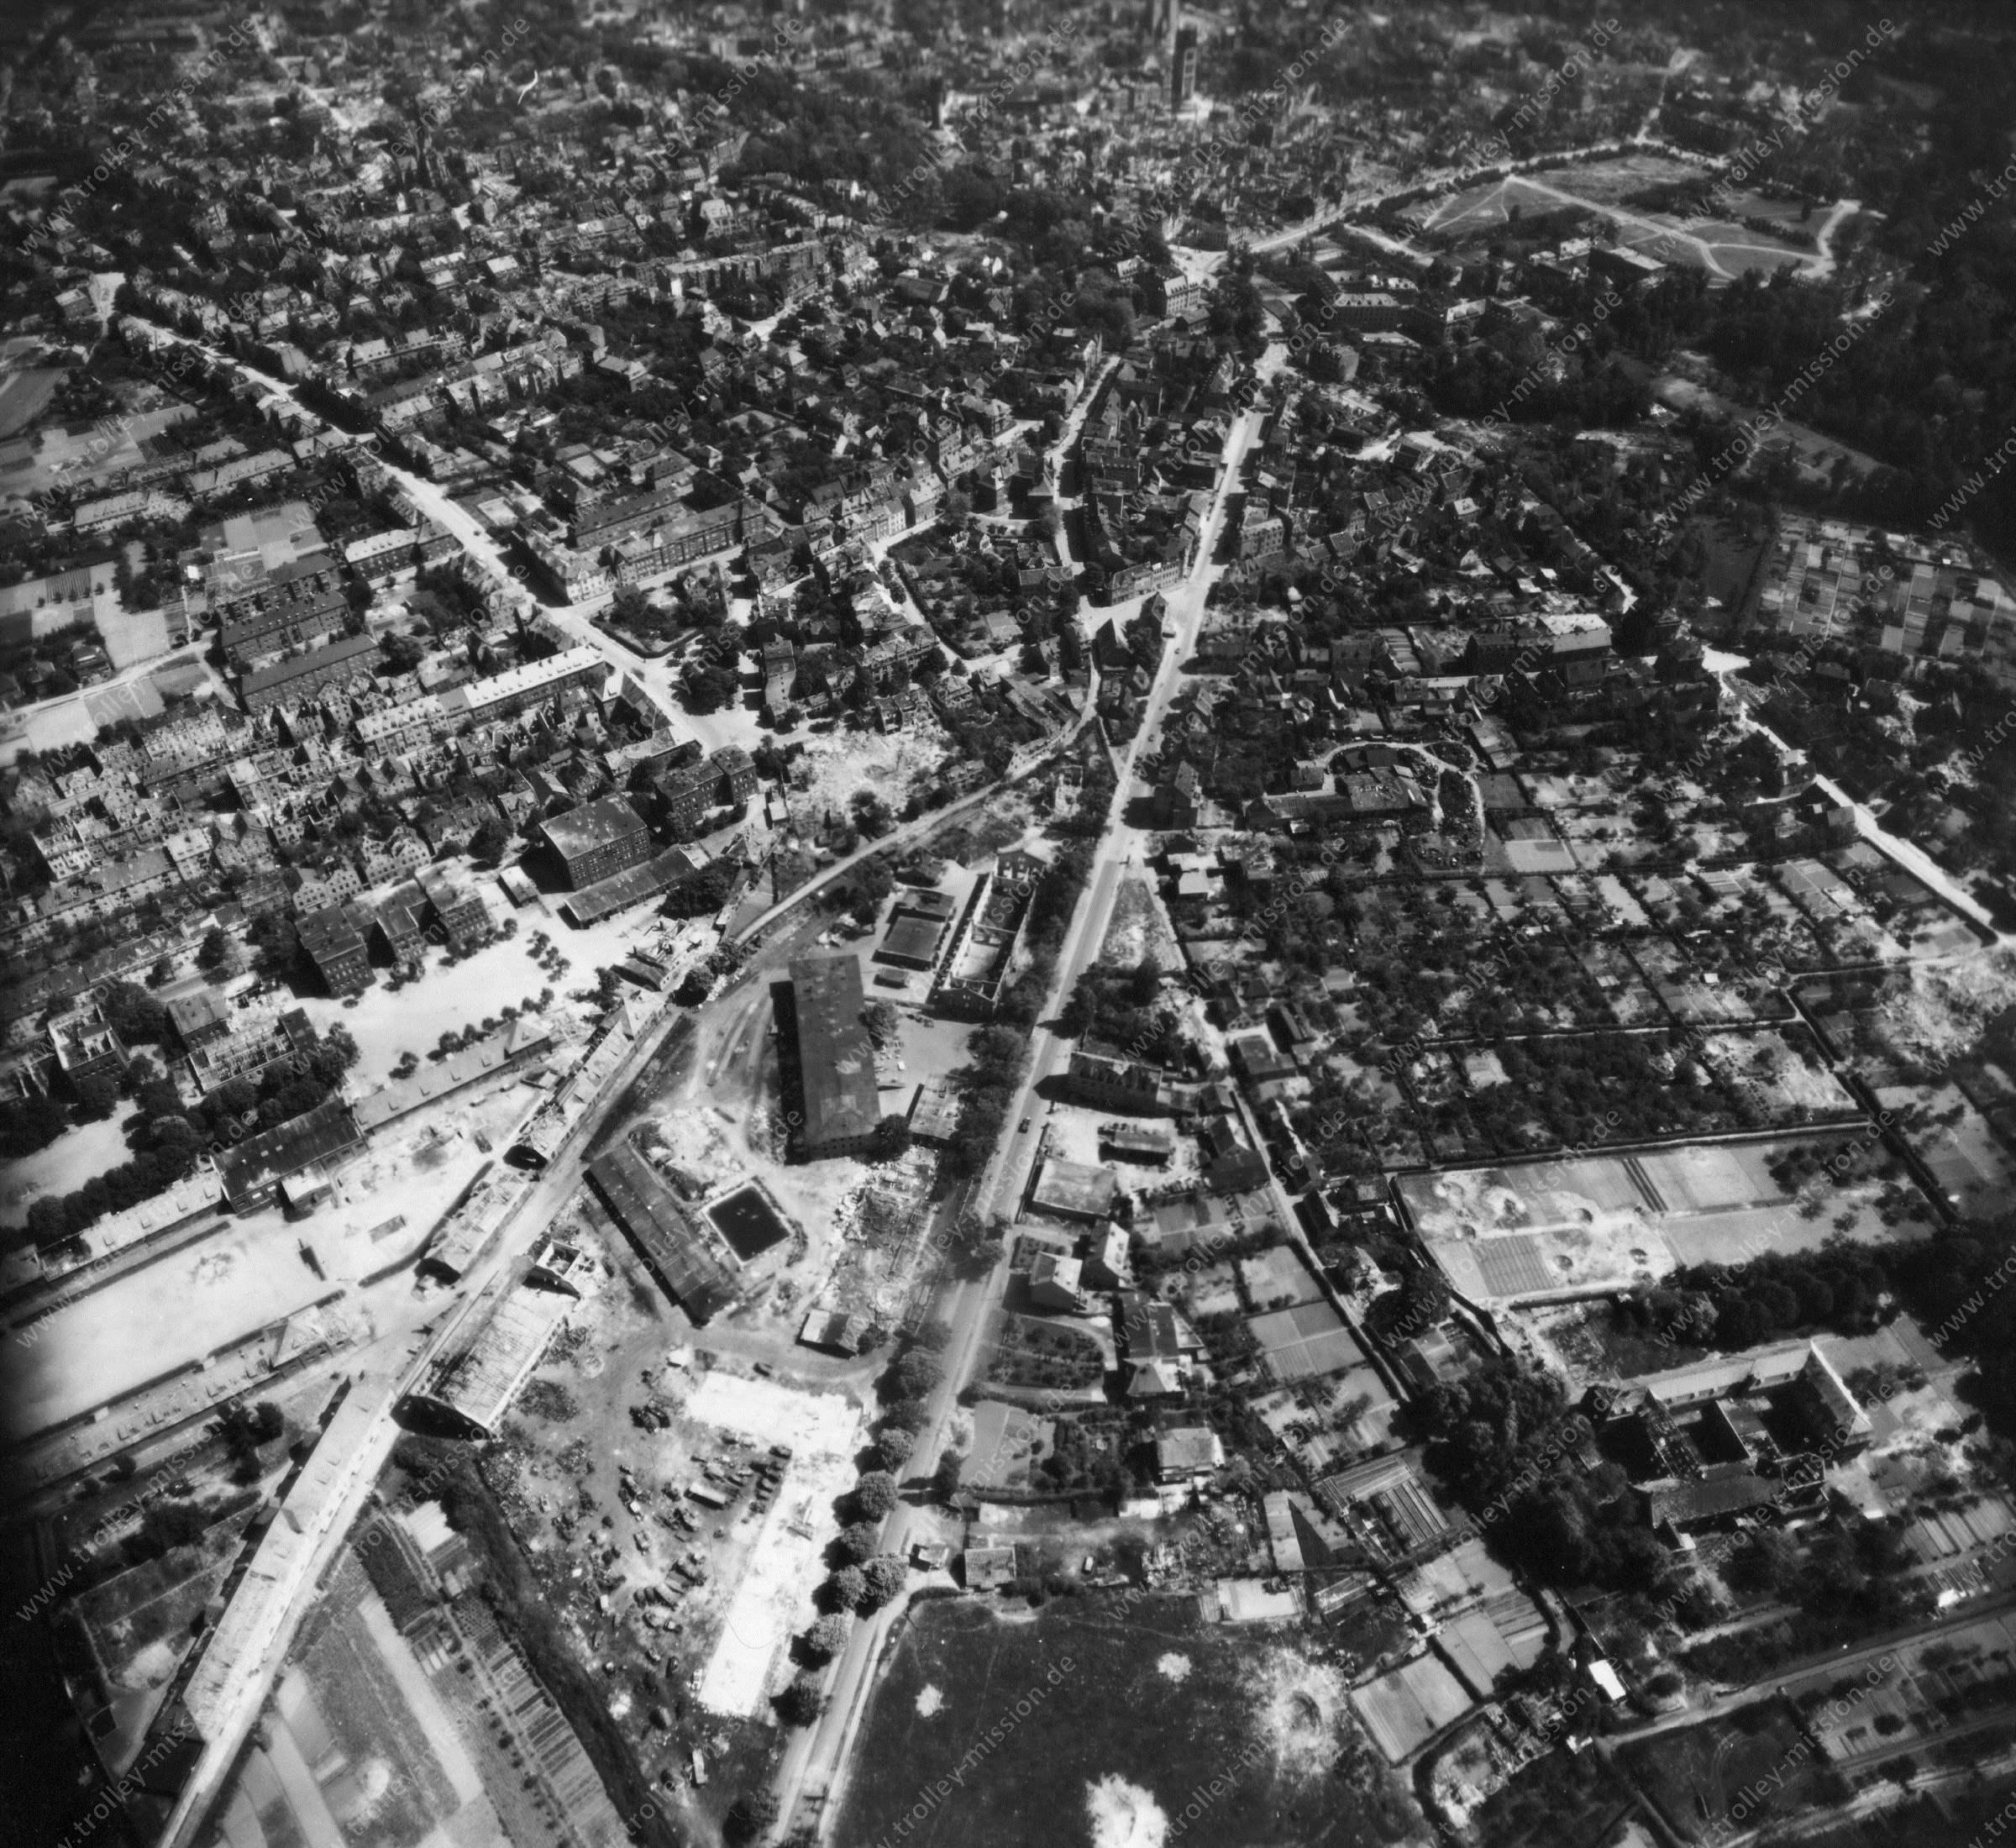 Luftbild von Münster am 12. Mai 1945 - Luftbildserie 4/11 der US Air Force